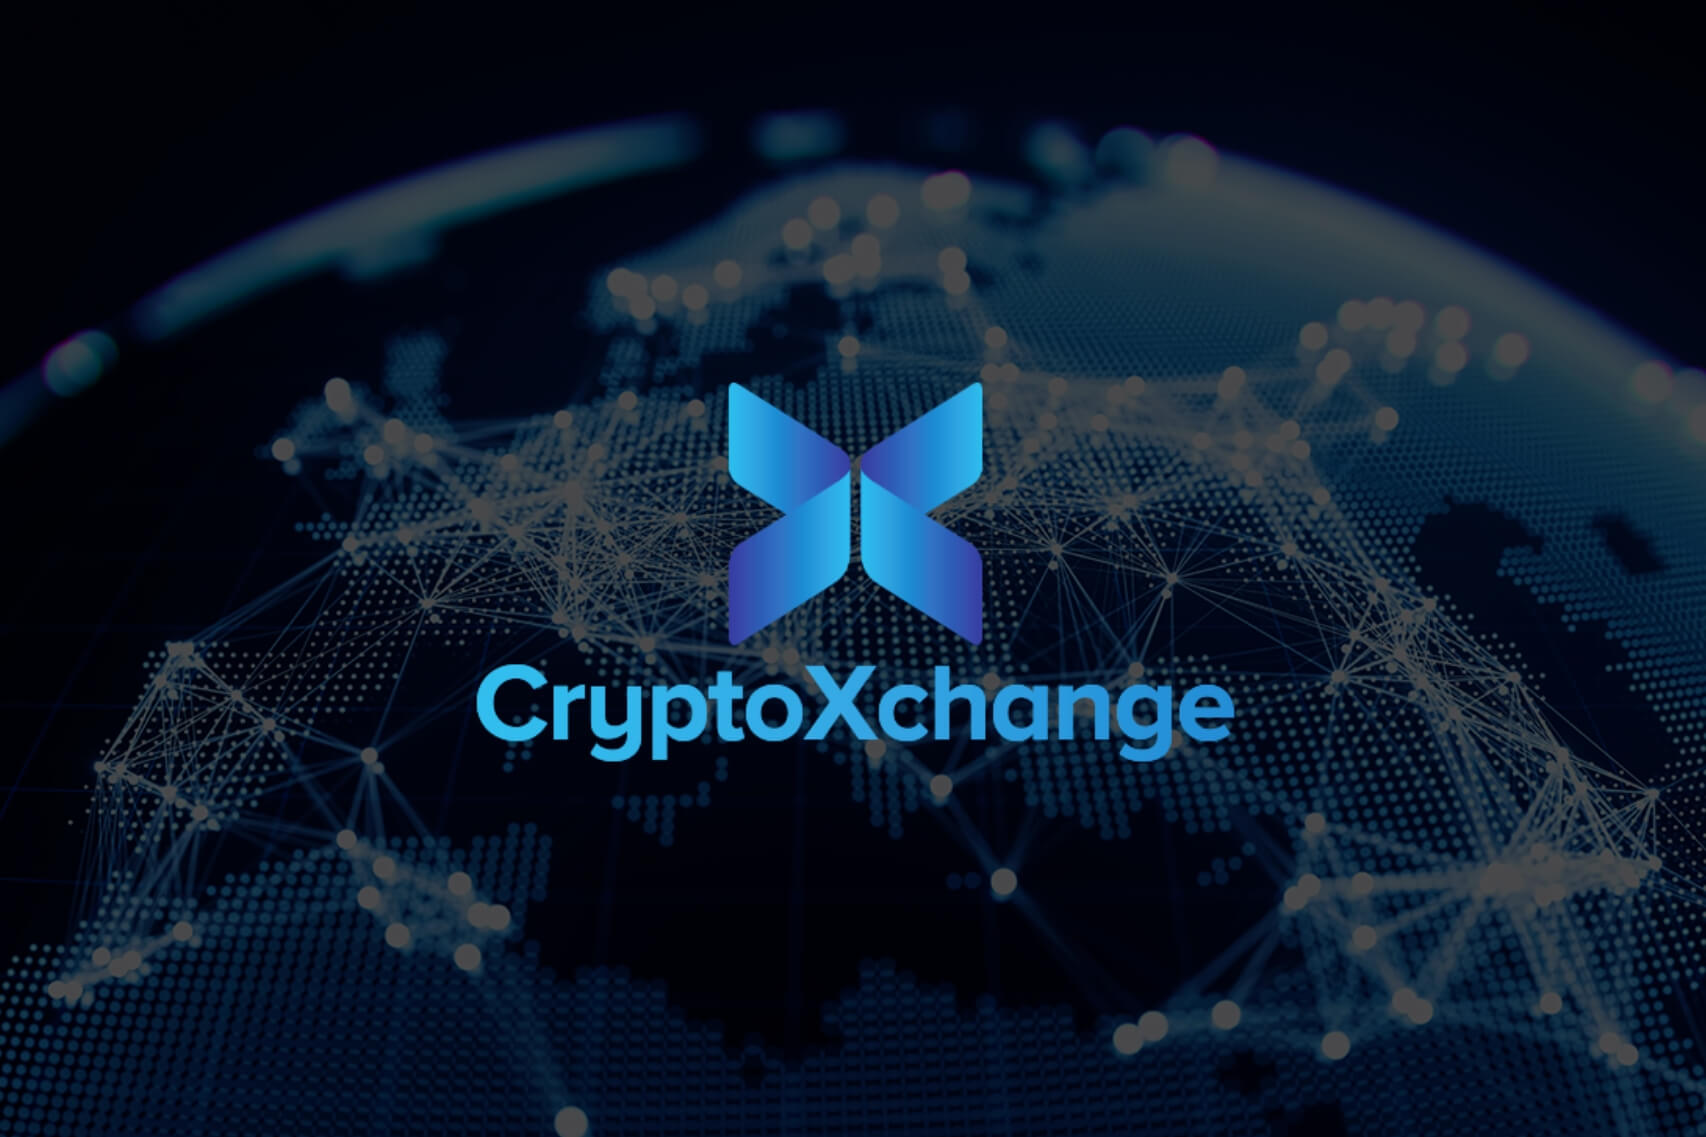 cryptoxchange